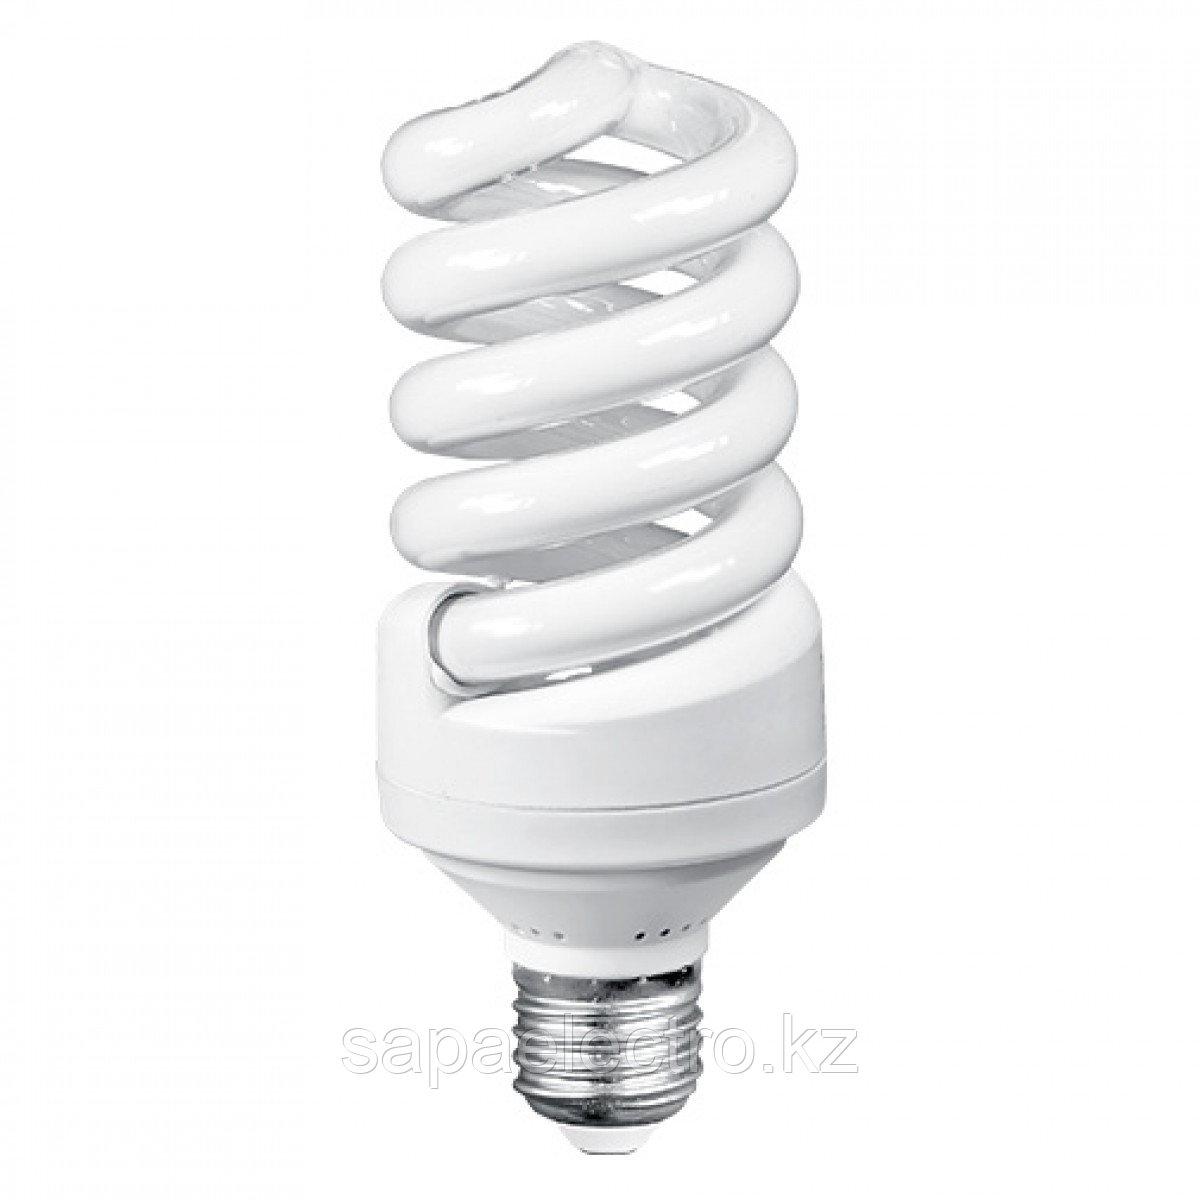 Лампа SPIRAL-TWIST  32W  860K   E27  (TL) 50шт